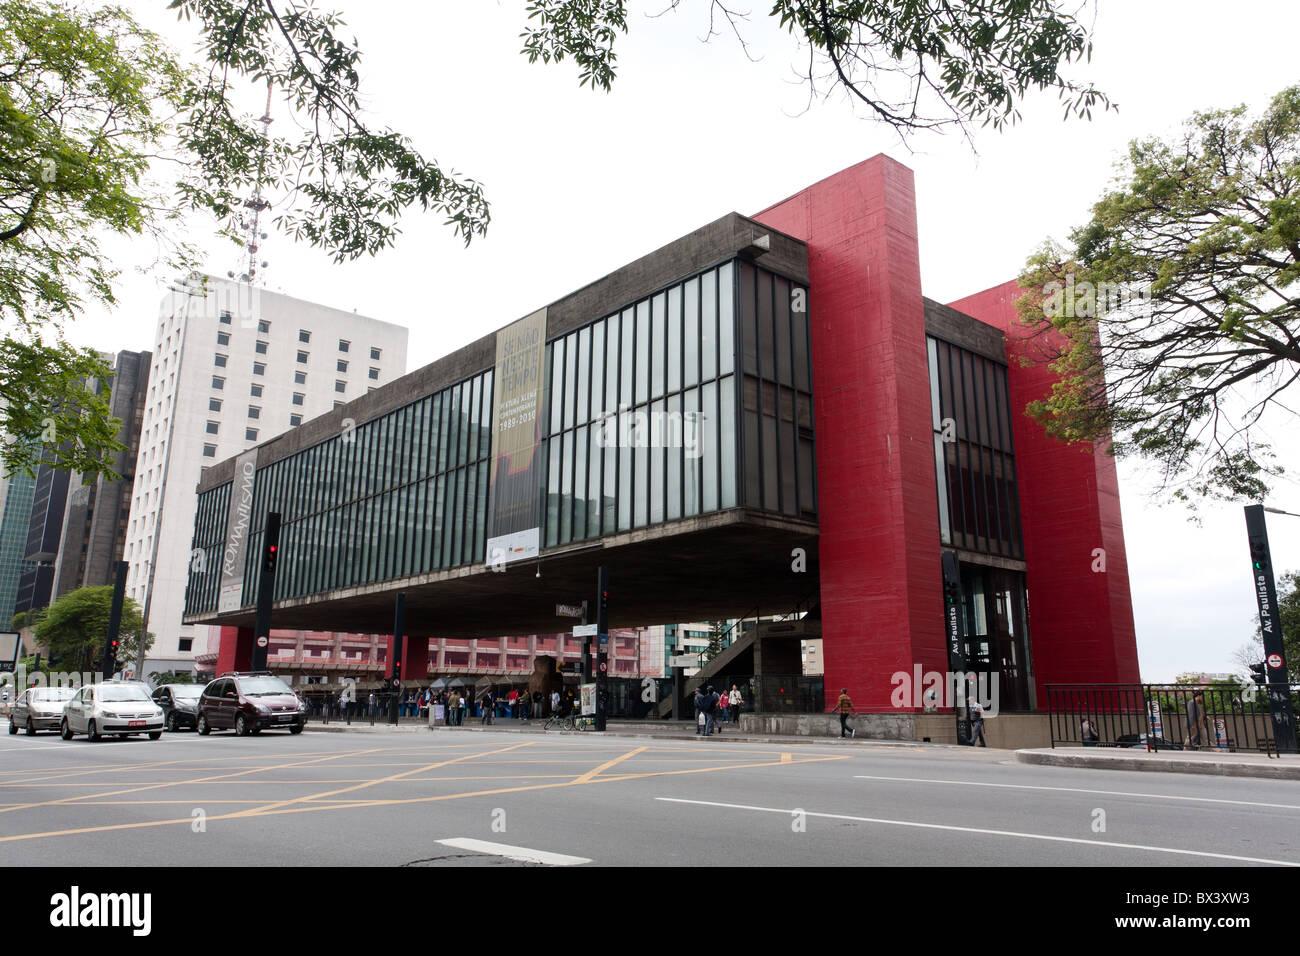 Museu de Arte de São Paulo - MASP (São Paulo Museum of Art), Avenida (Avenue) Paulista, Sao Paulo, Brésil Photo Stock